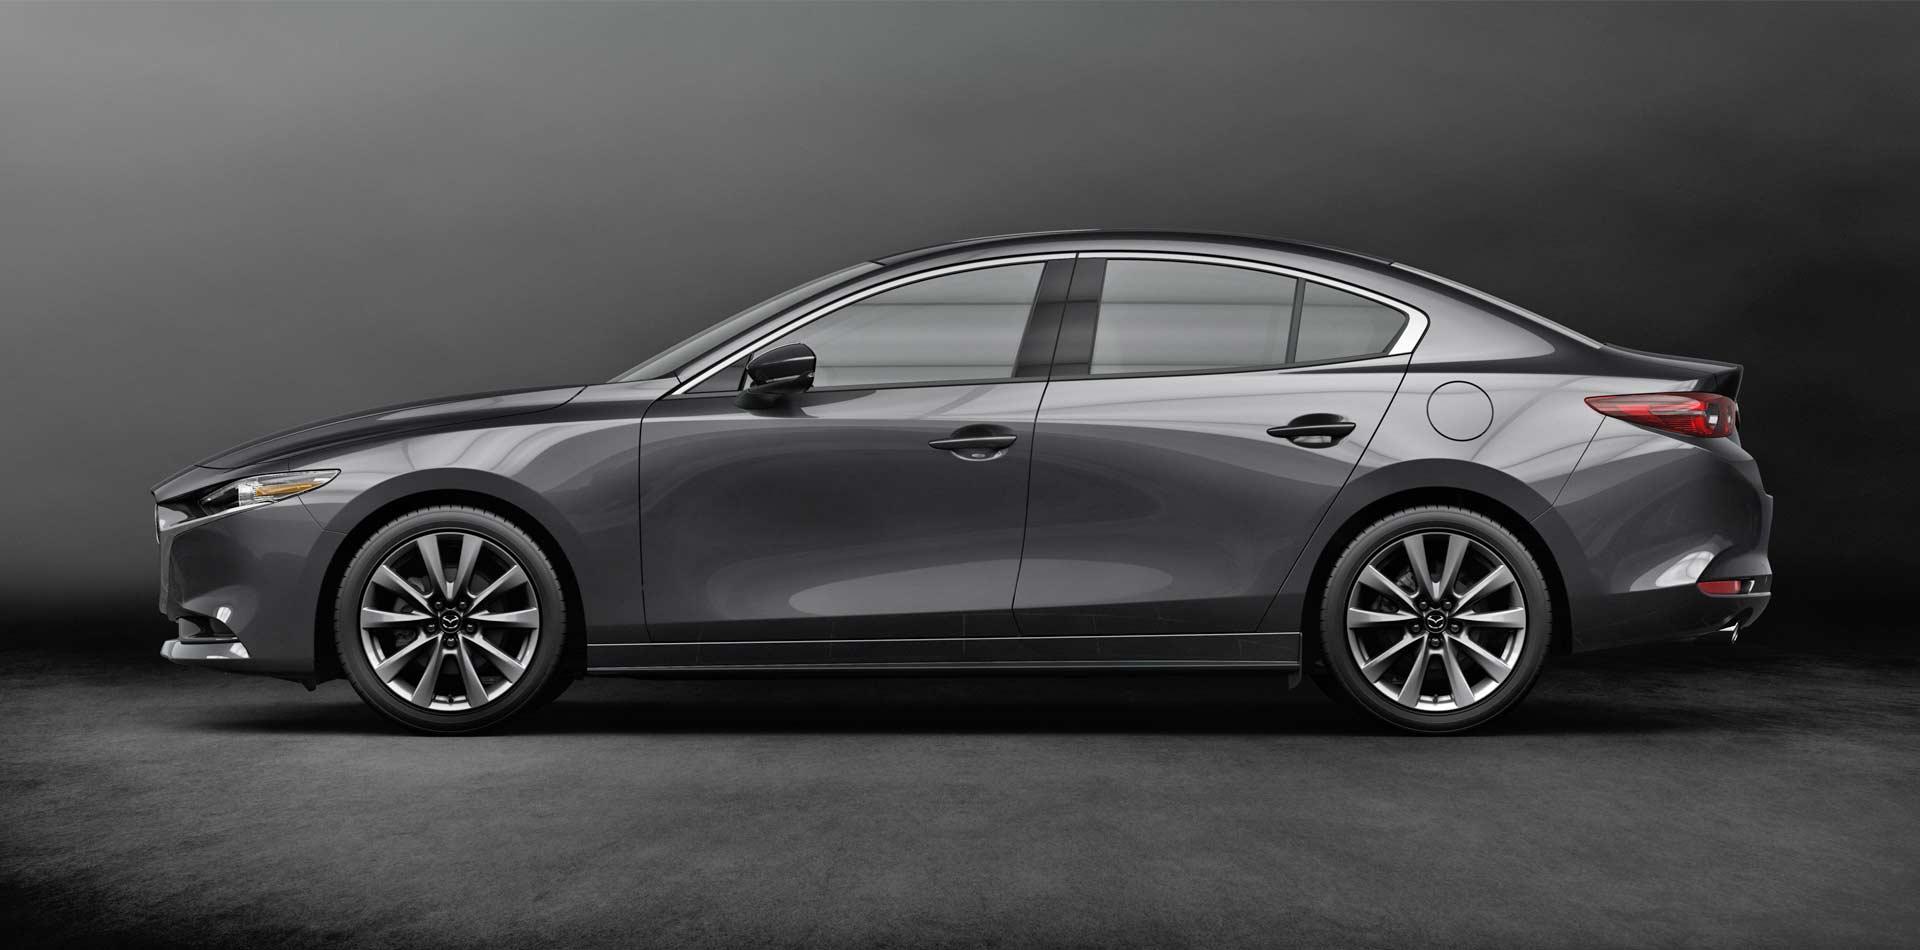 2019-Mazda-3-Sedan_2